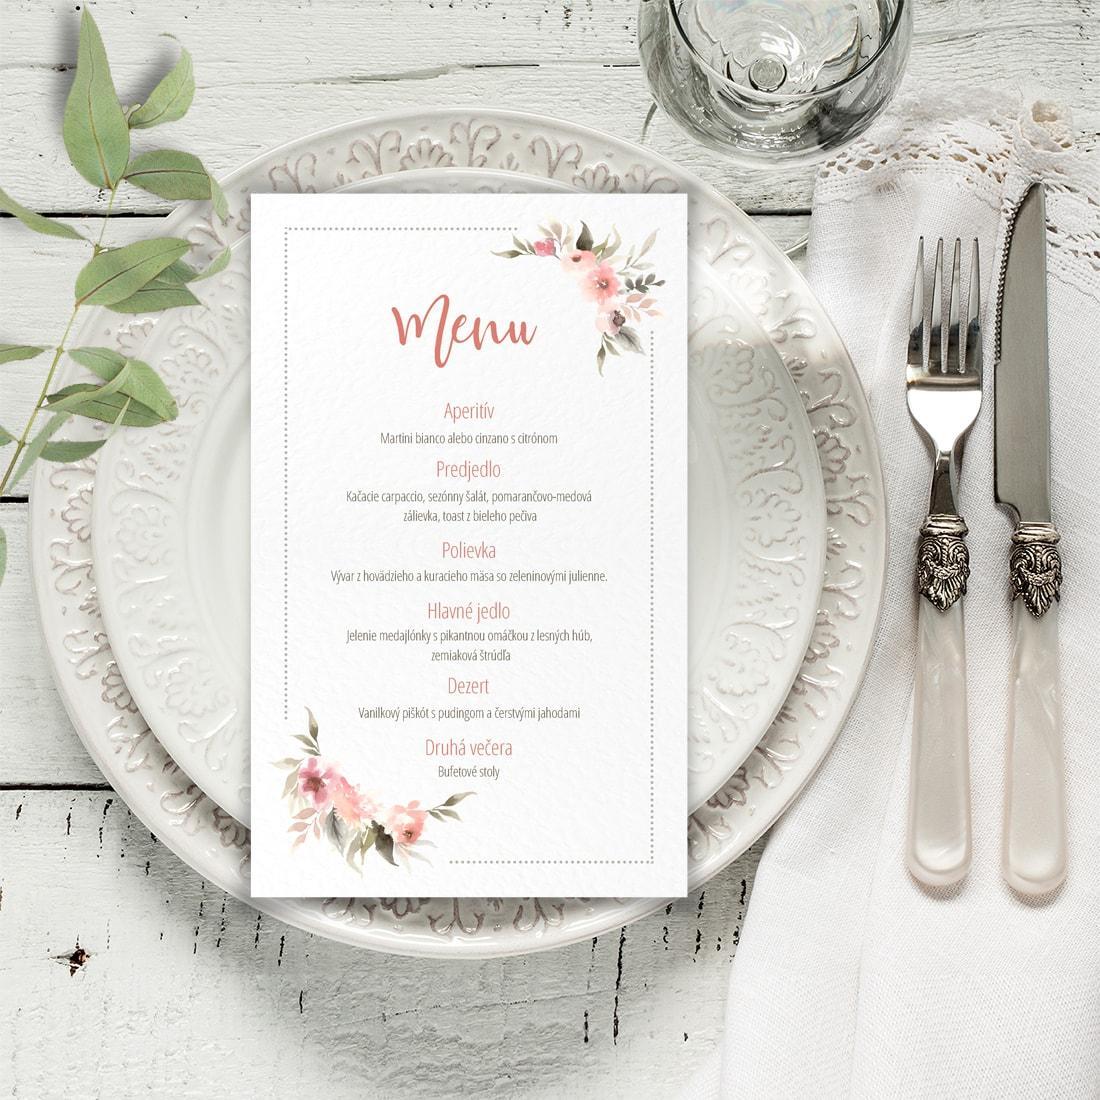 Svadobné menu - Obrázok č. 7